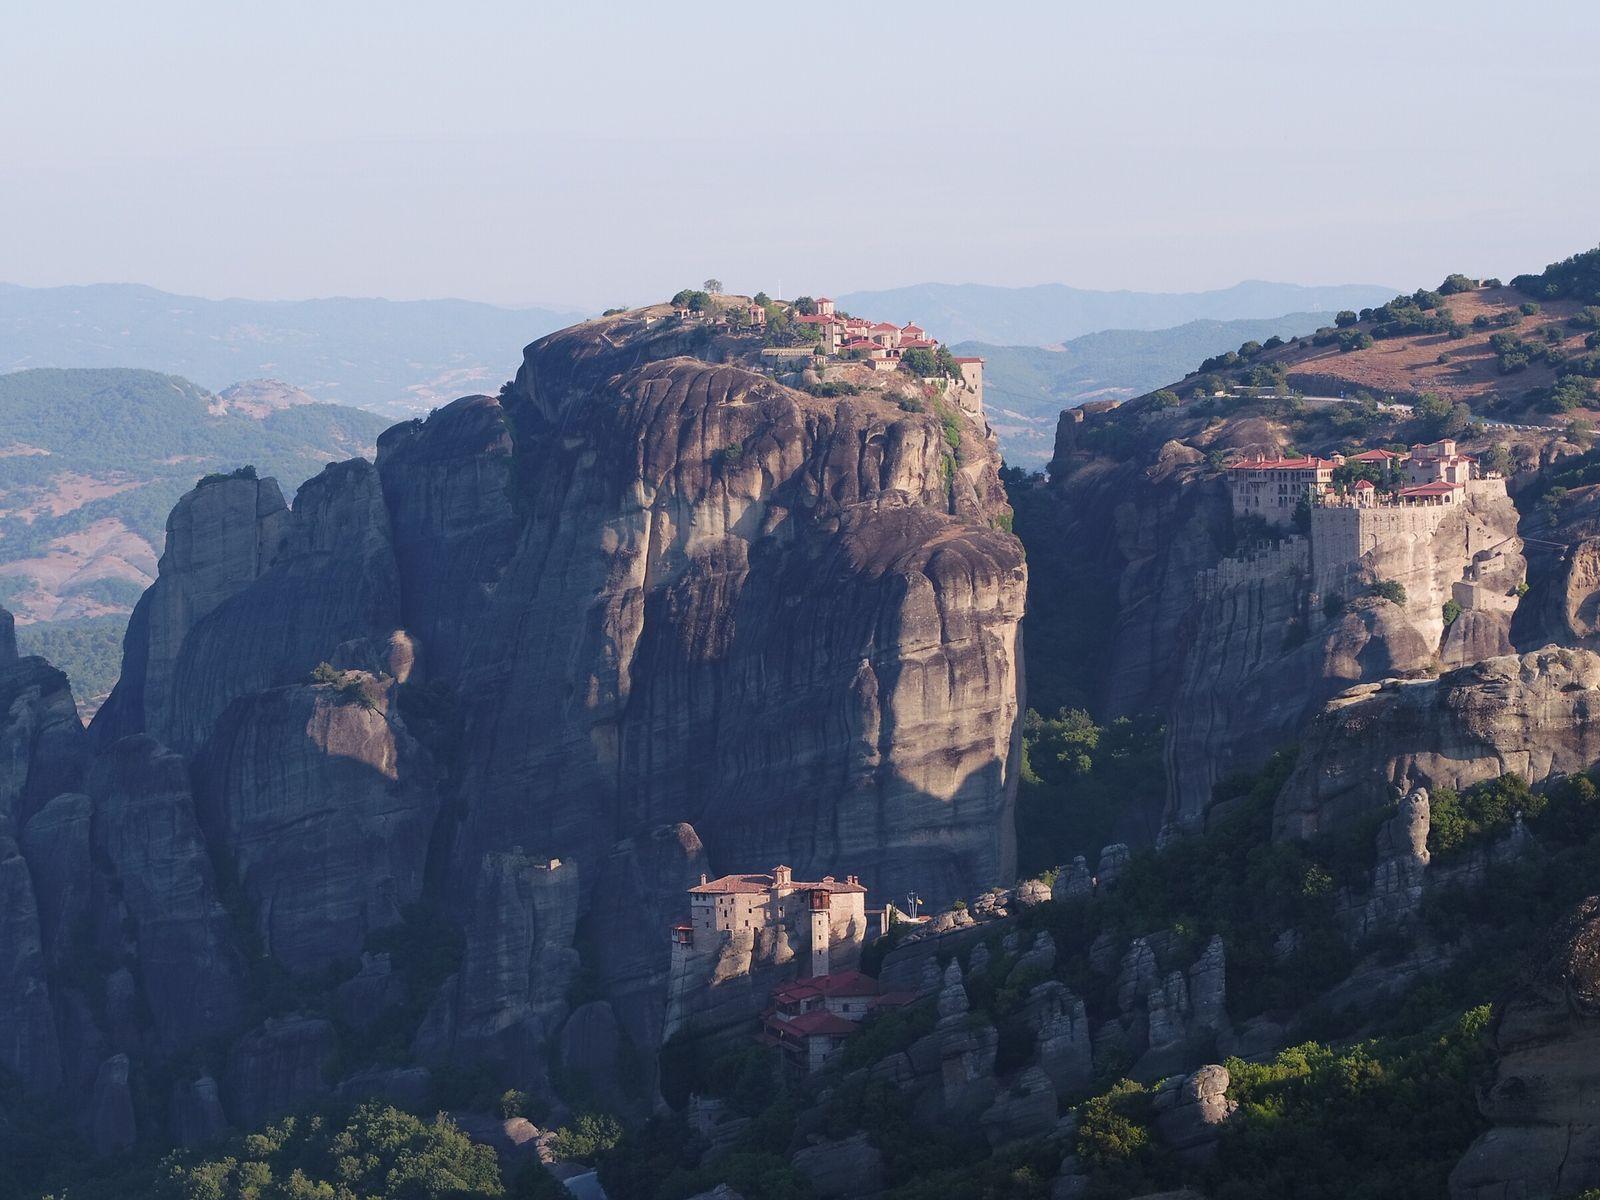 Griechenland: Die bemerkenswerteste Nutzung der besonderen Geologie von Meteora ist eine Reihe von Klöstern, die auf ...